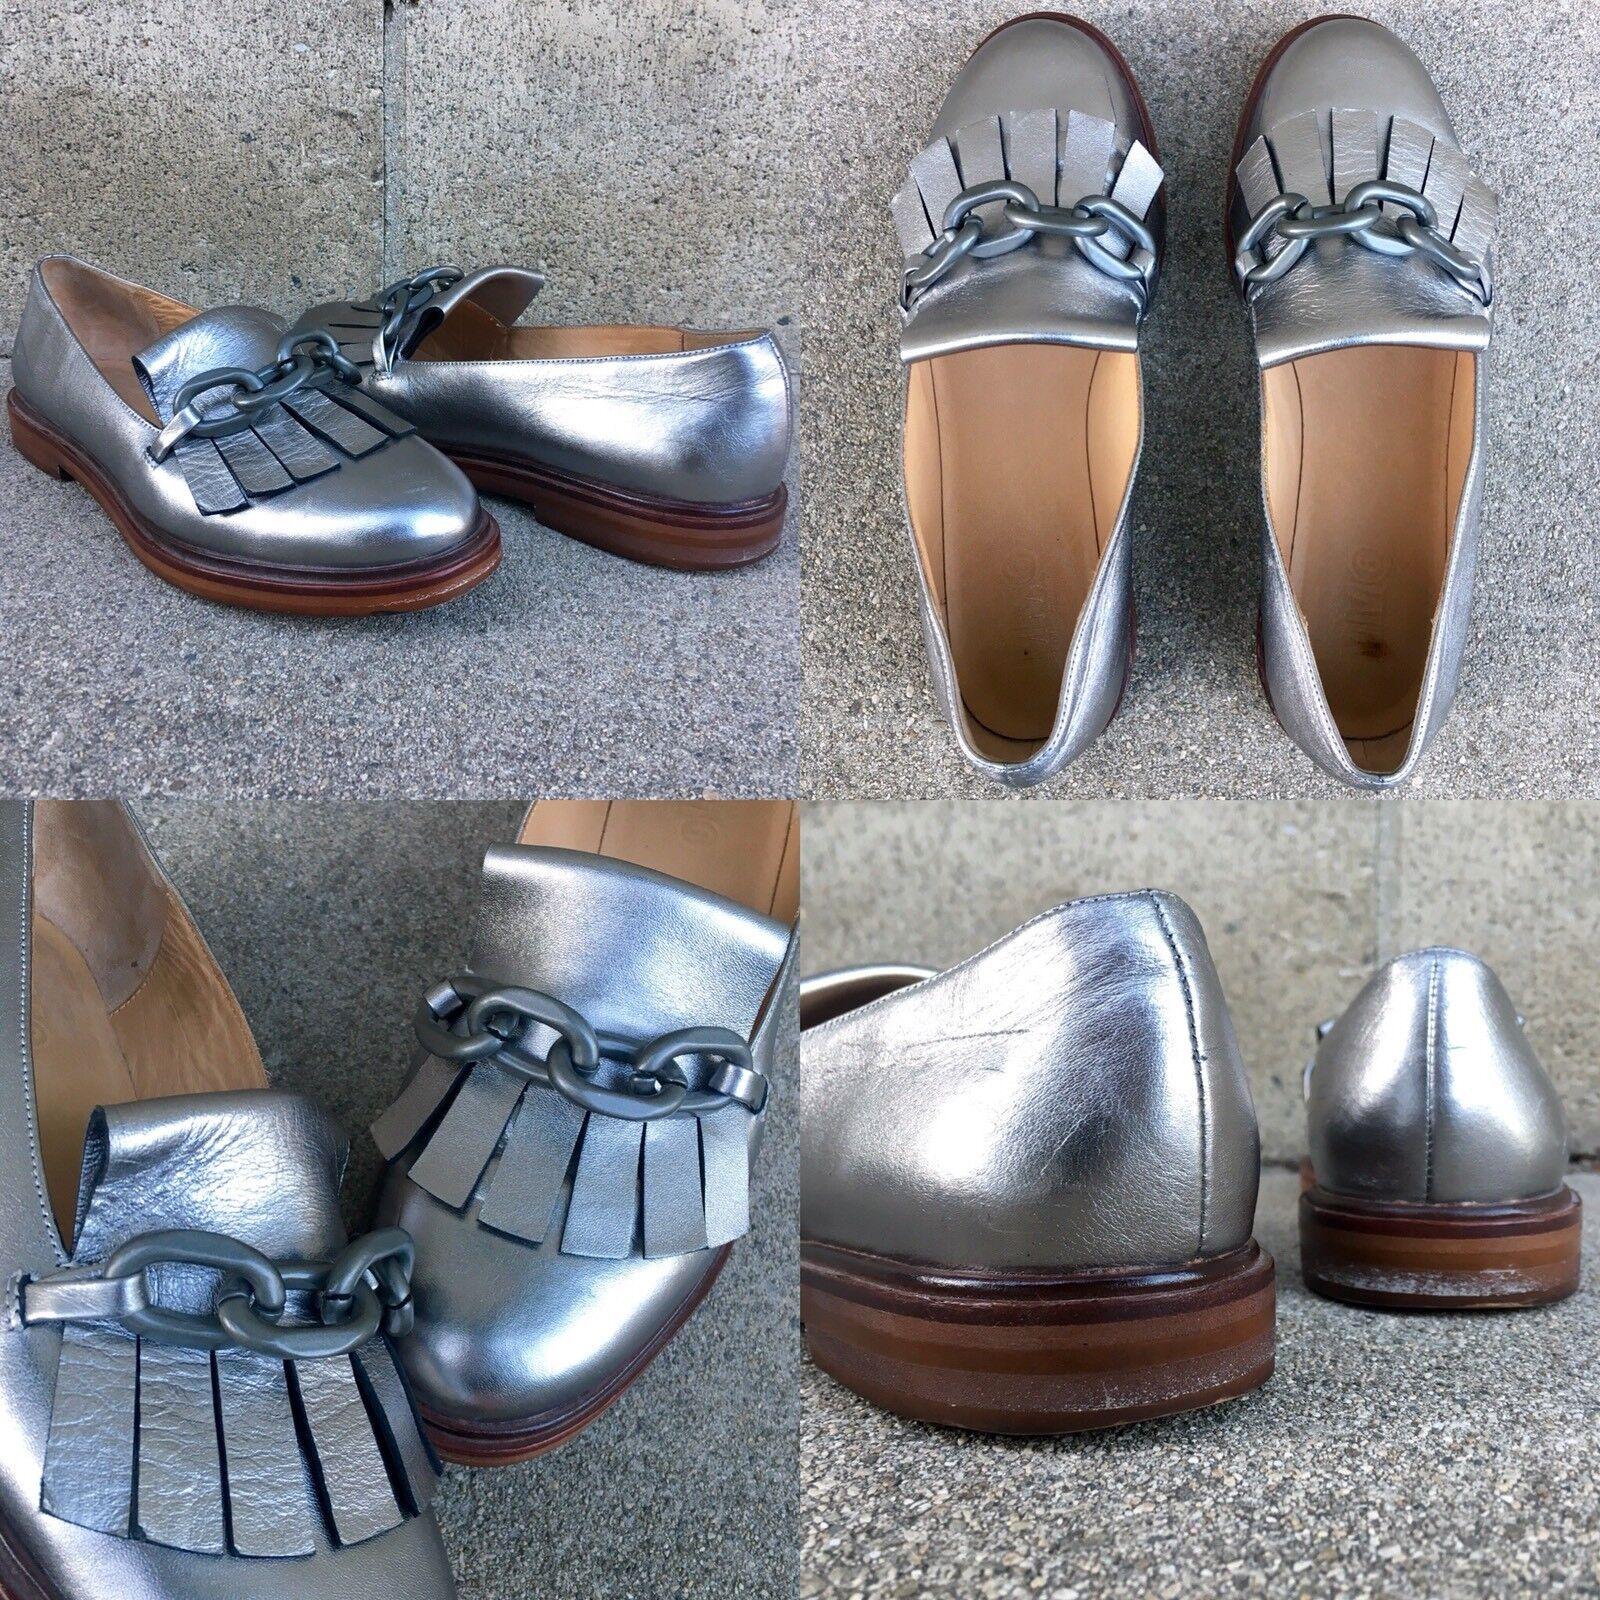 39 IT 9 US MM6 Maison Margiela rencontré argent Chain Link Rnd Toe Kiltie chaussures Oxford